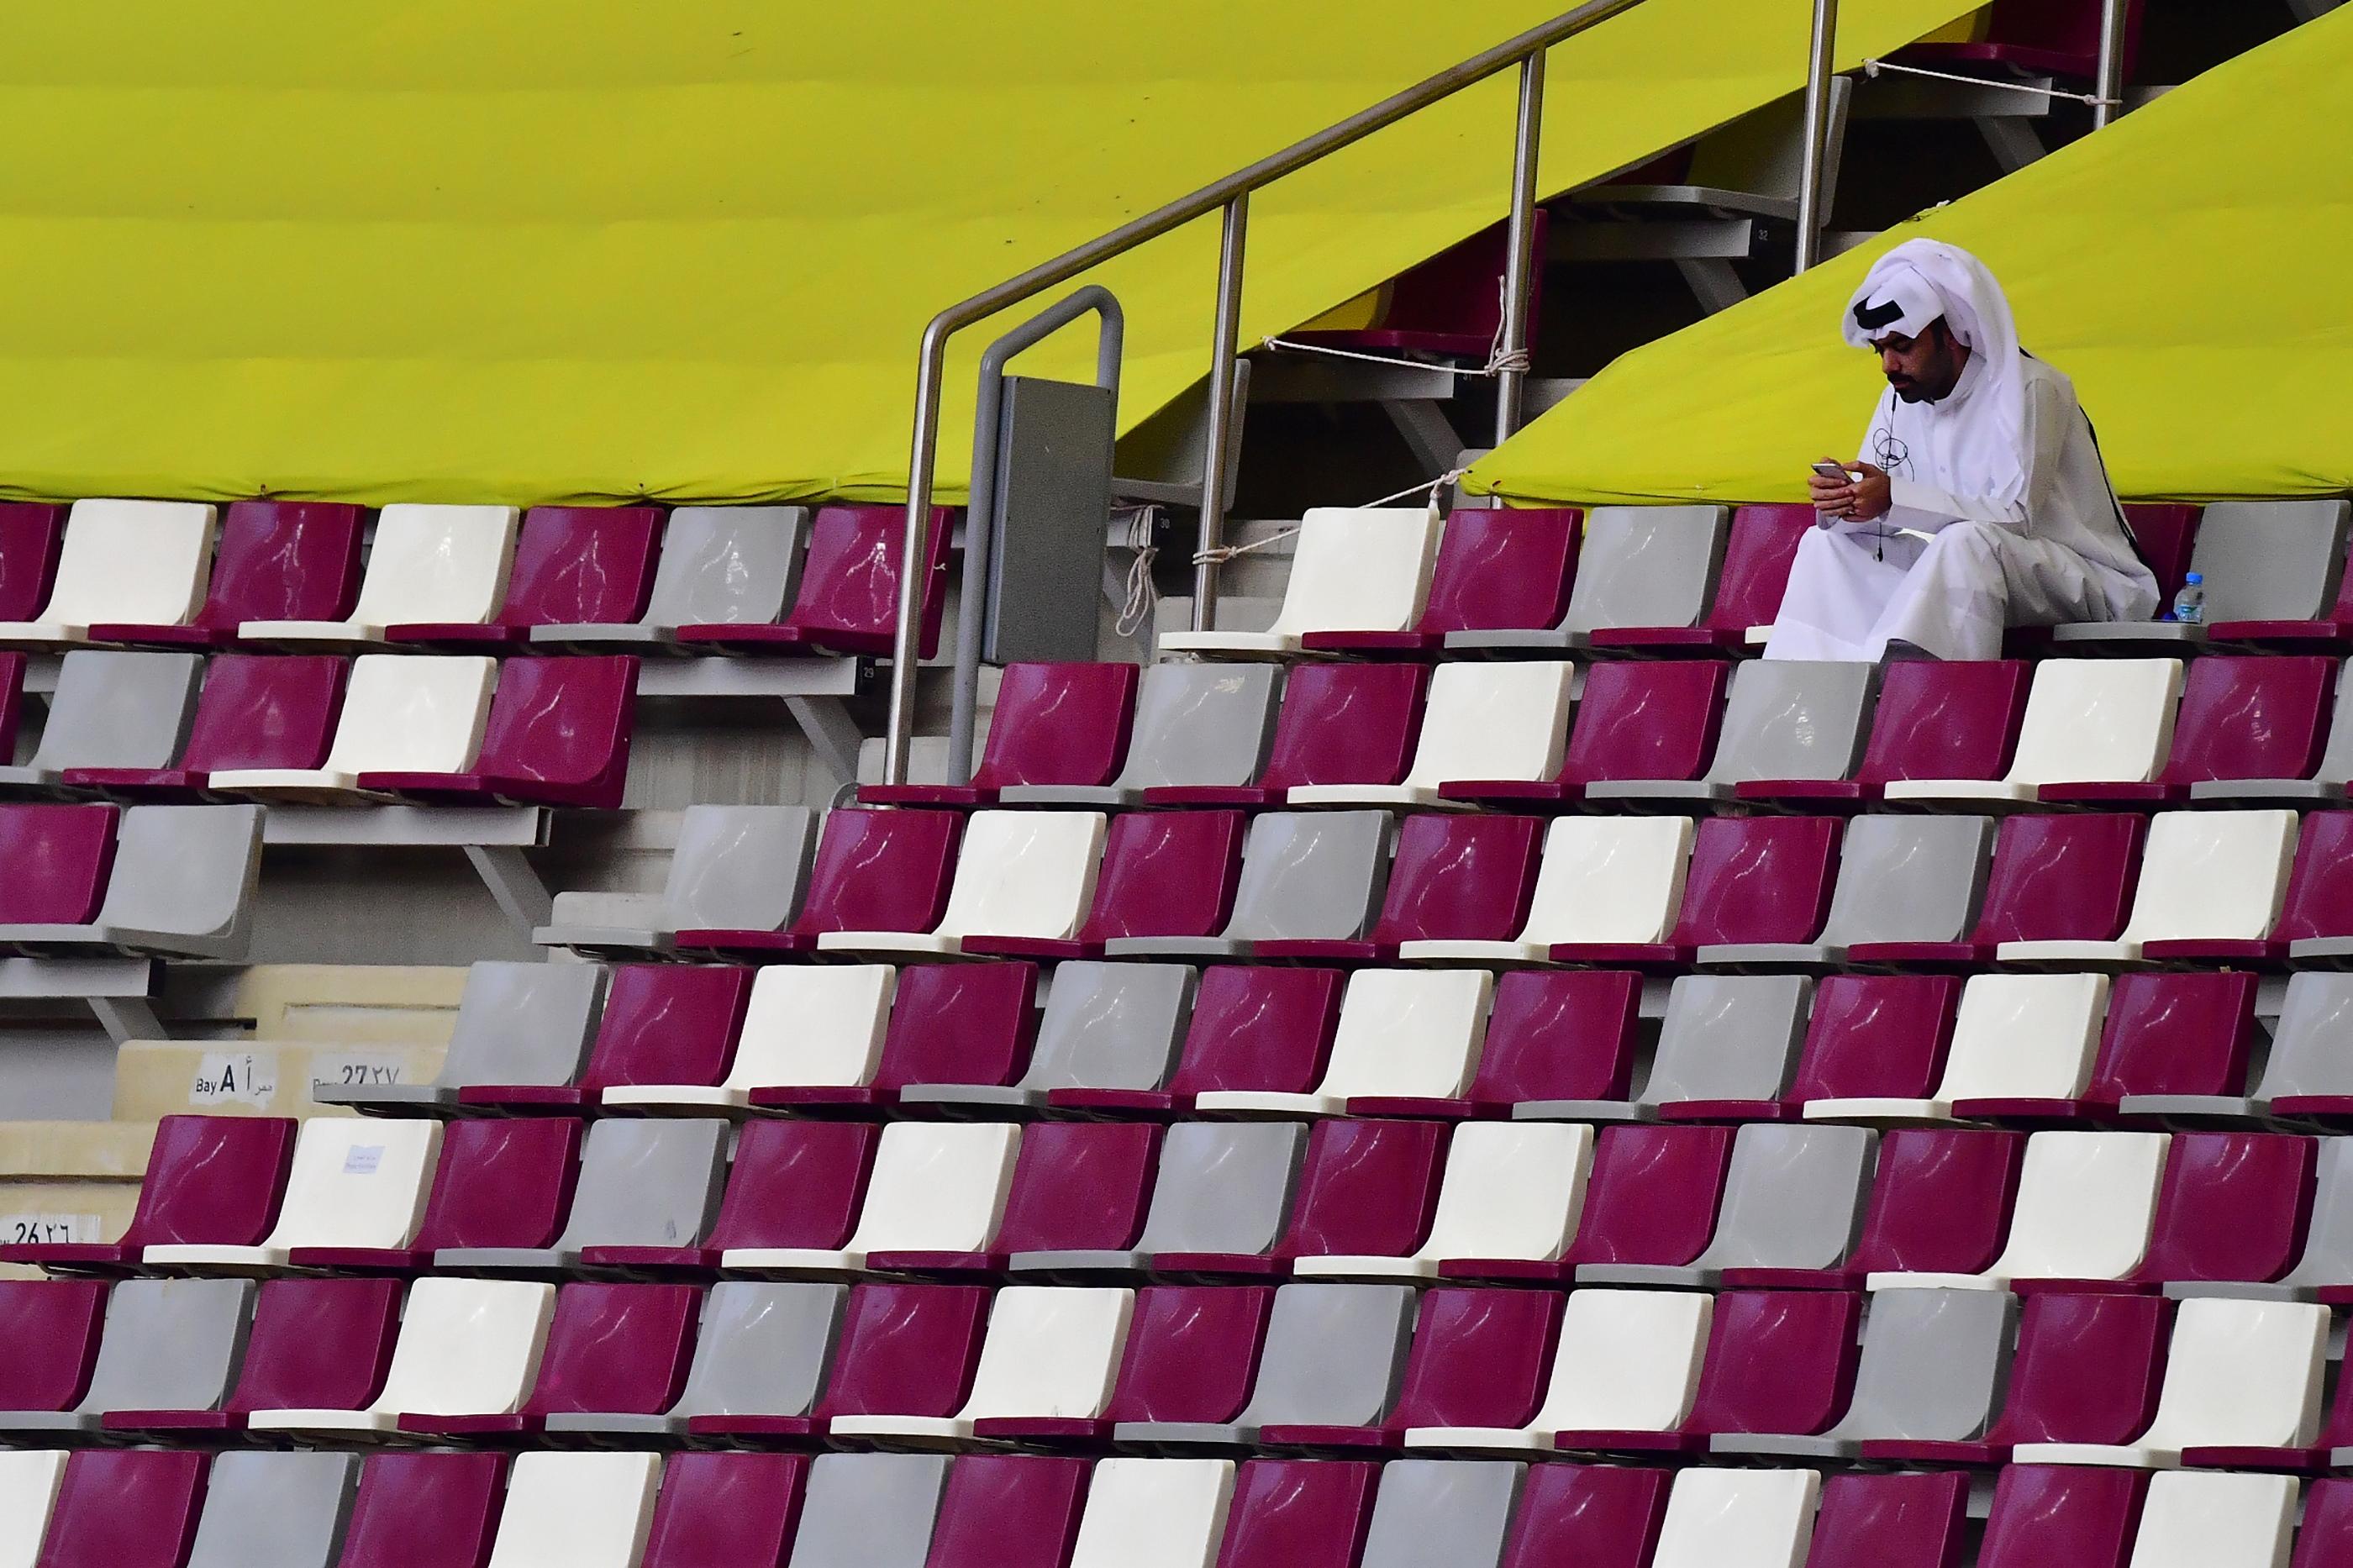 En la jornada de apertura, hubo apenas 20 mil espectadores, la mitad de la capacidad, y desde entonces la cifra no ha superado el 10%